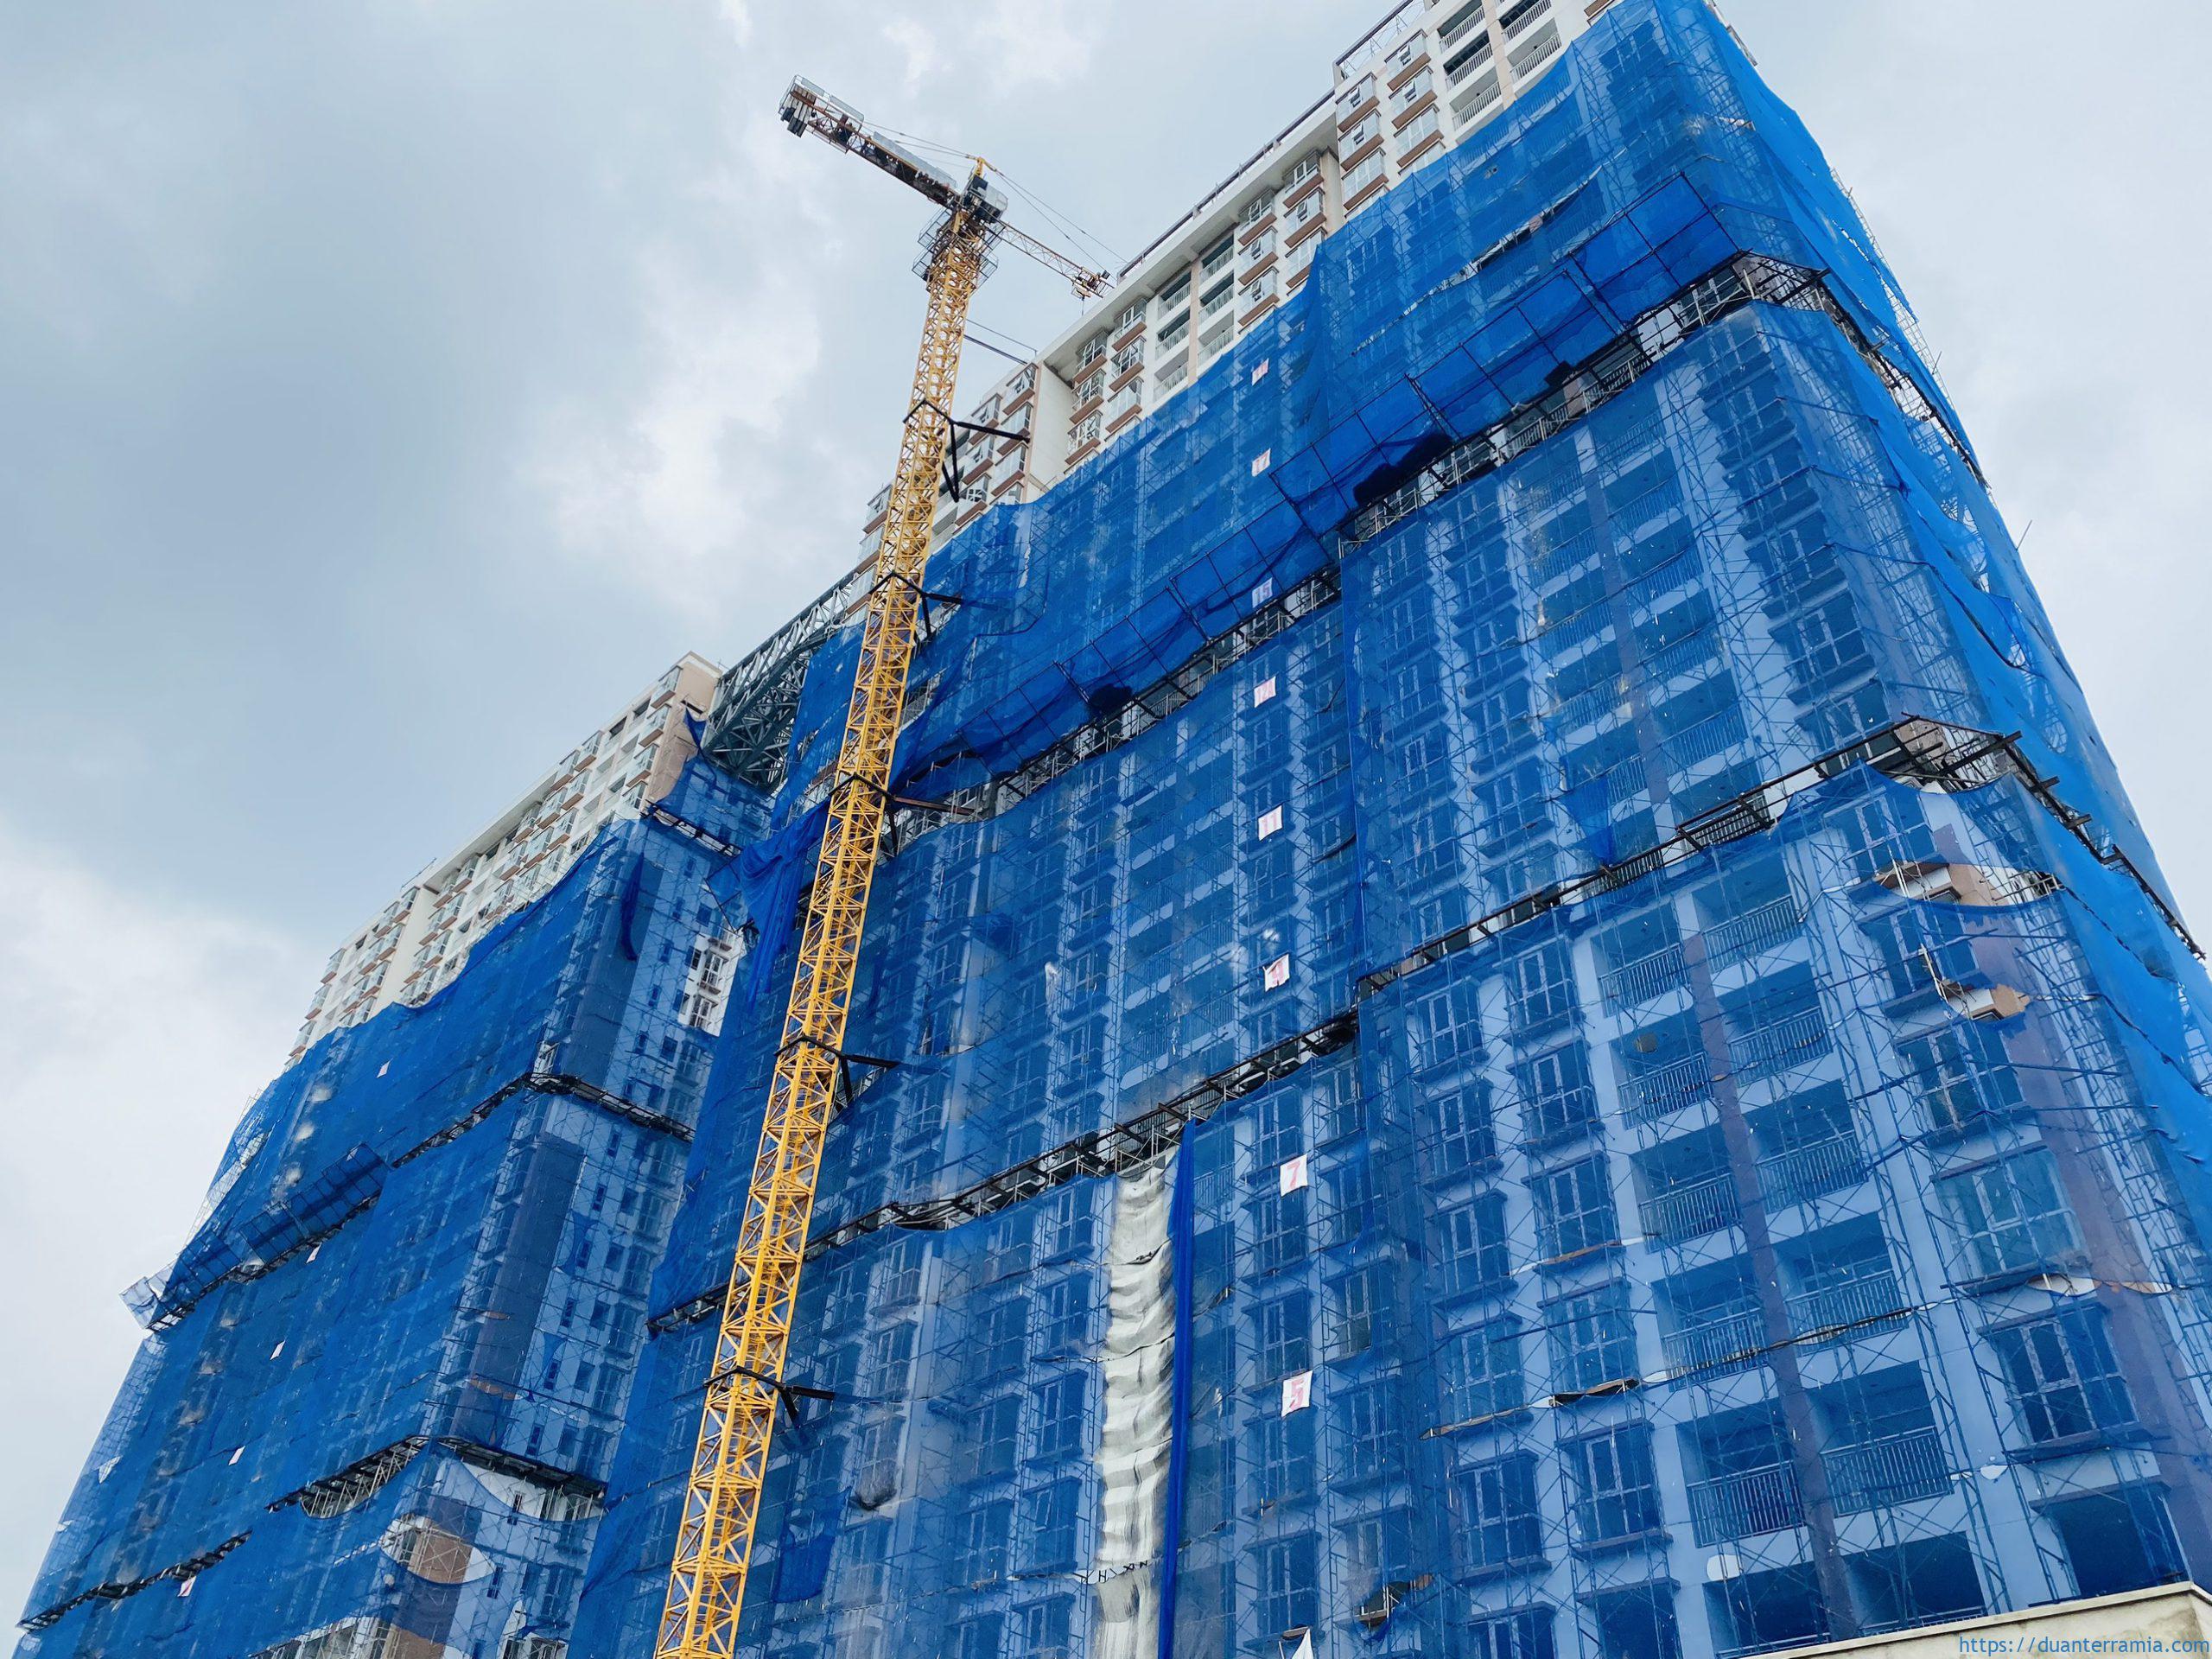 Cập nhật tiến độ công trình dự án căn hộ Terra MiA – Tháng 10.2021